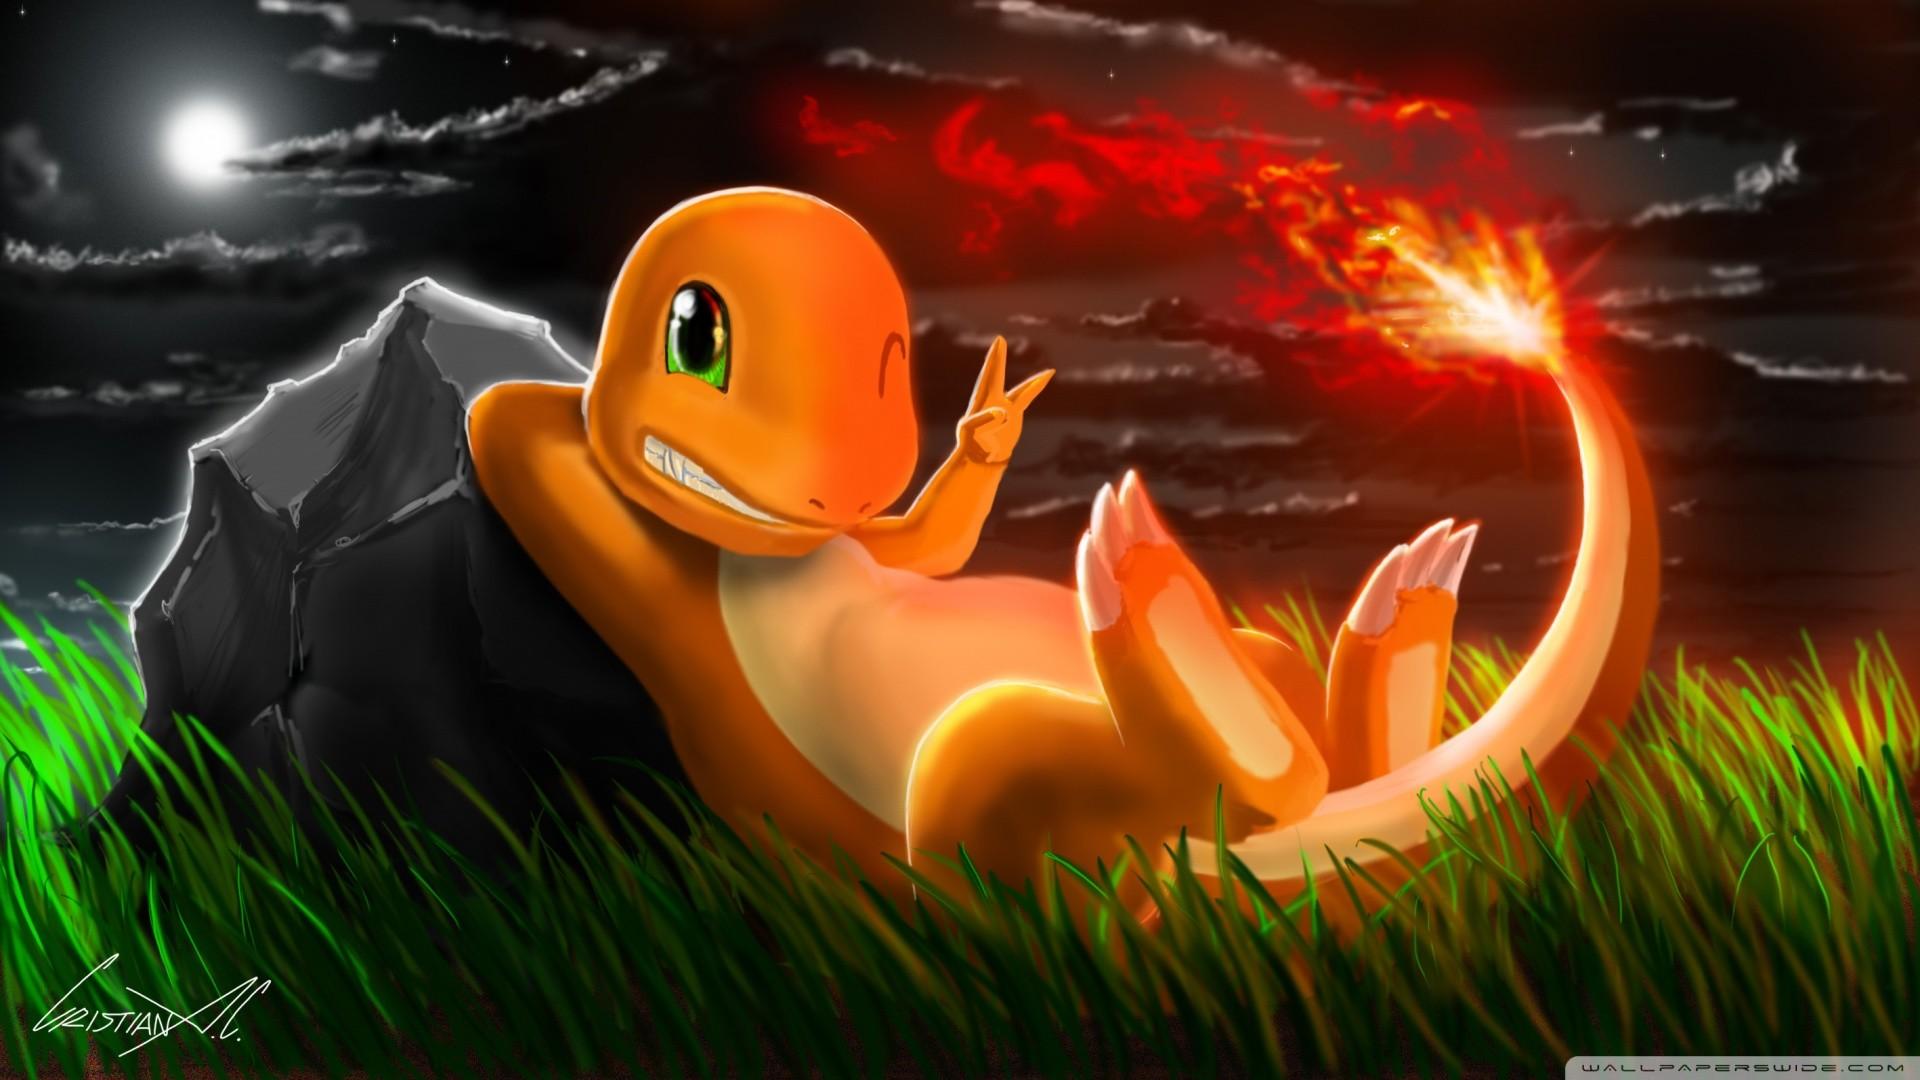 Pokemon Wallpaper (74+ images)